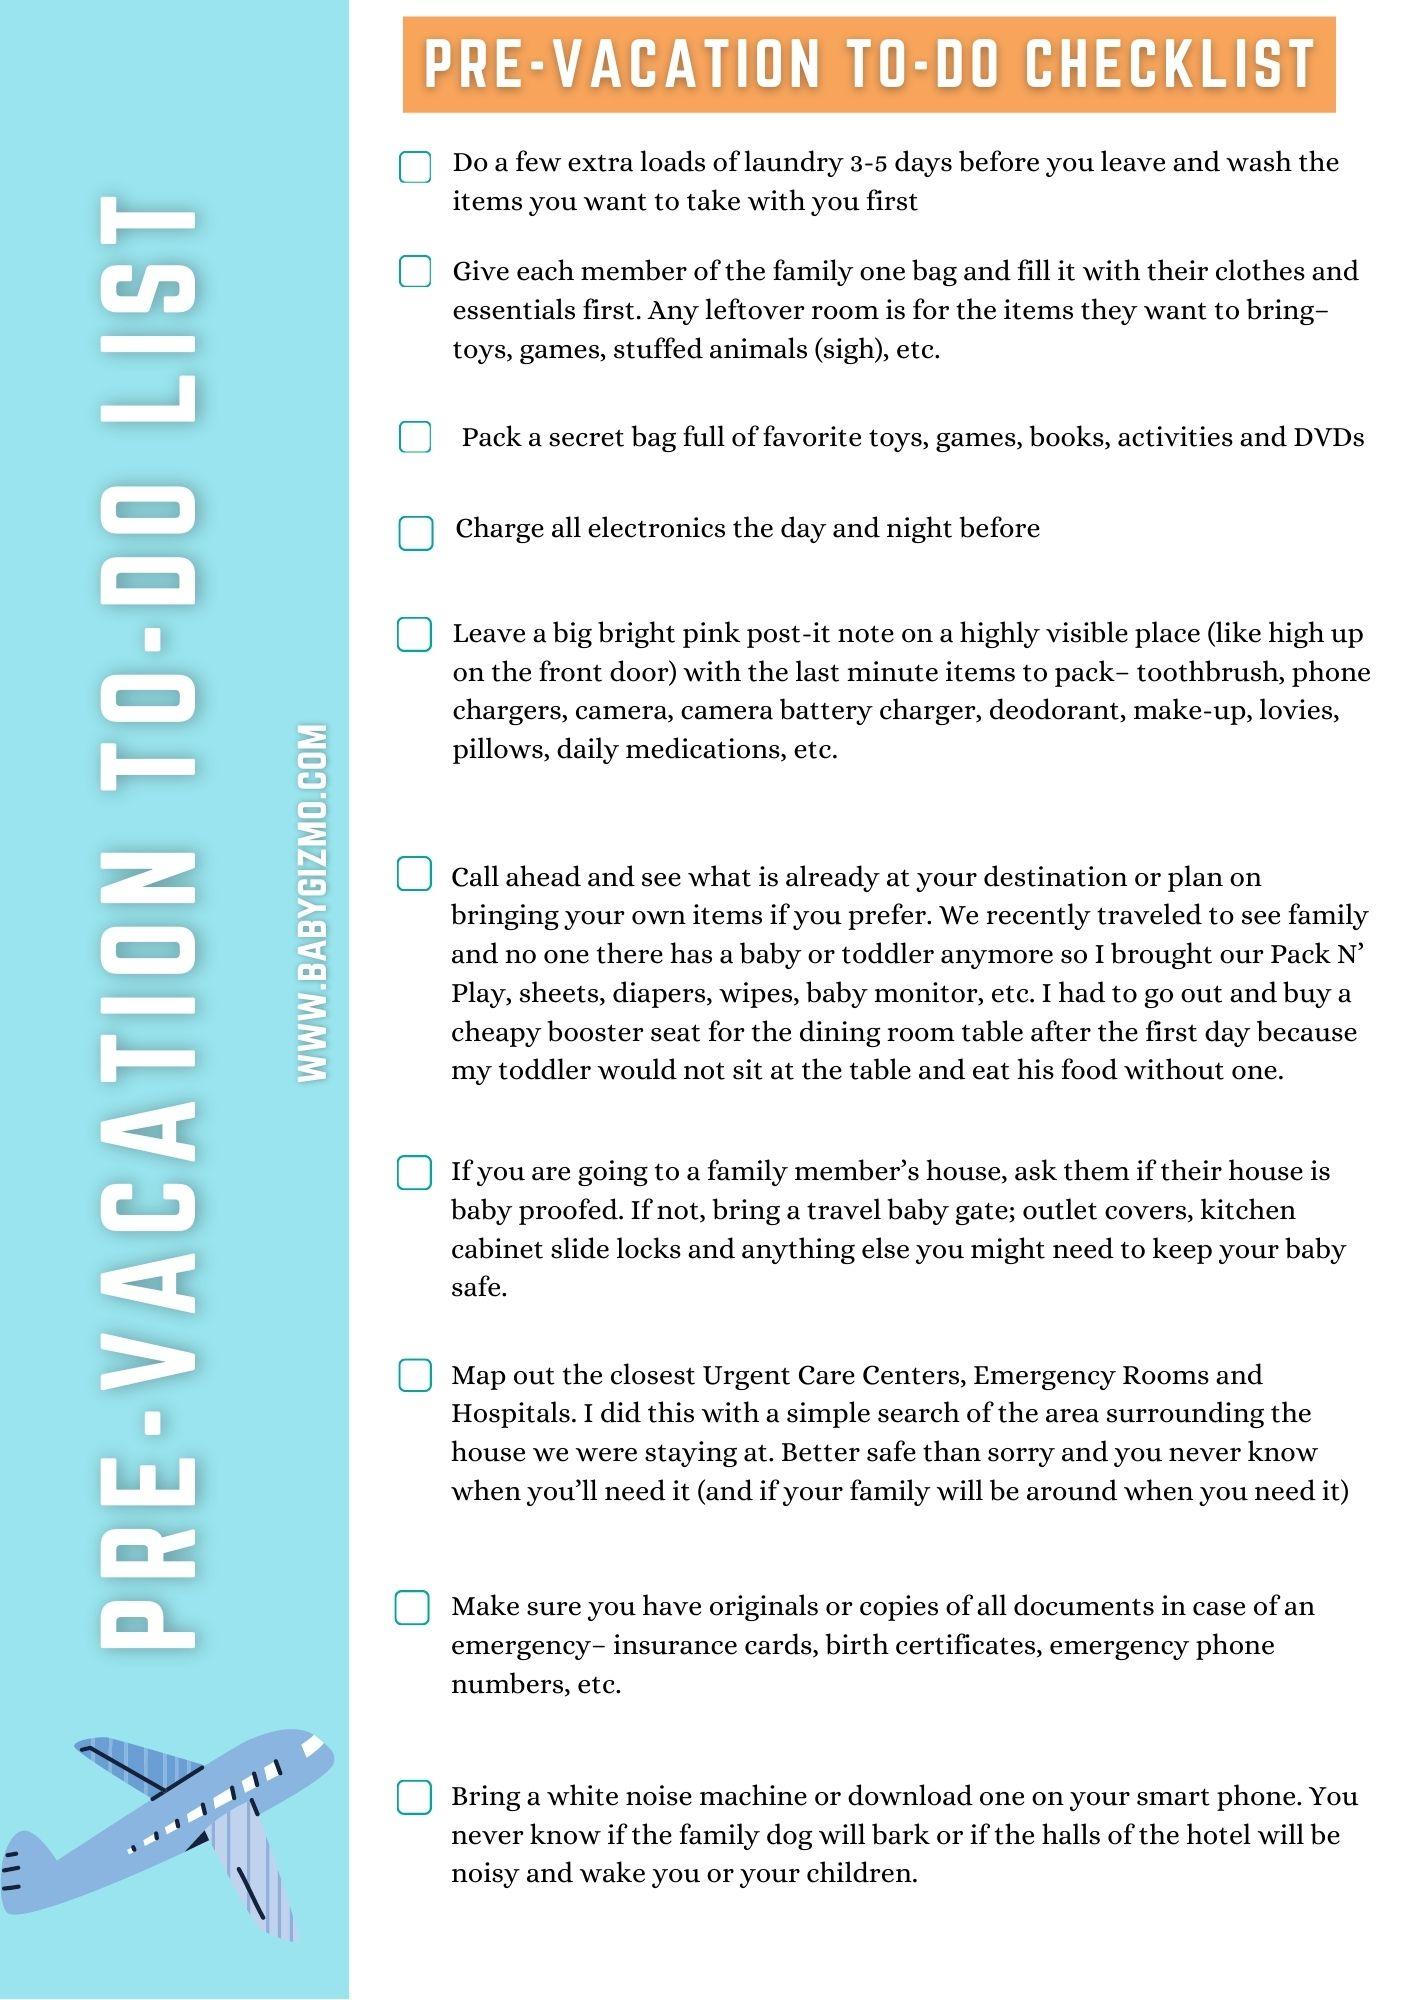 pre-vacation checklist printable